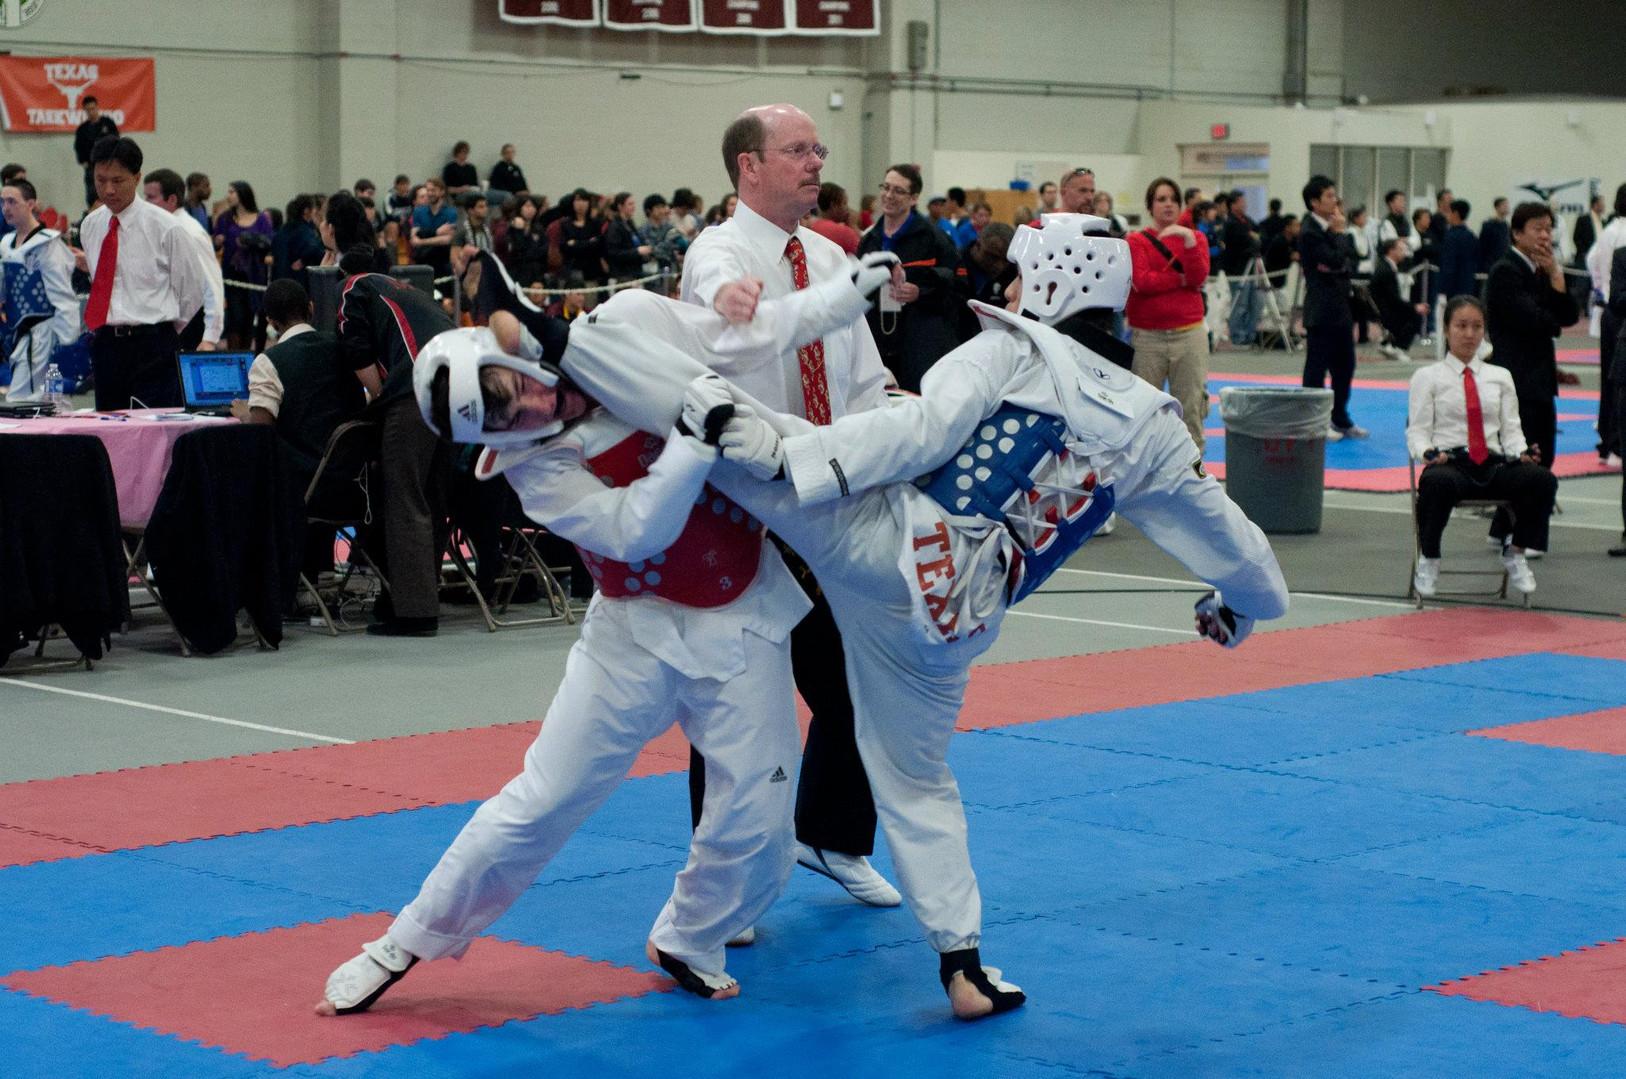 Taekwondo - Collegiate Nationals